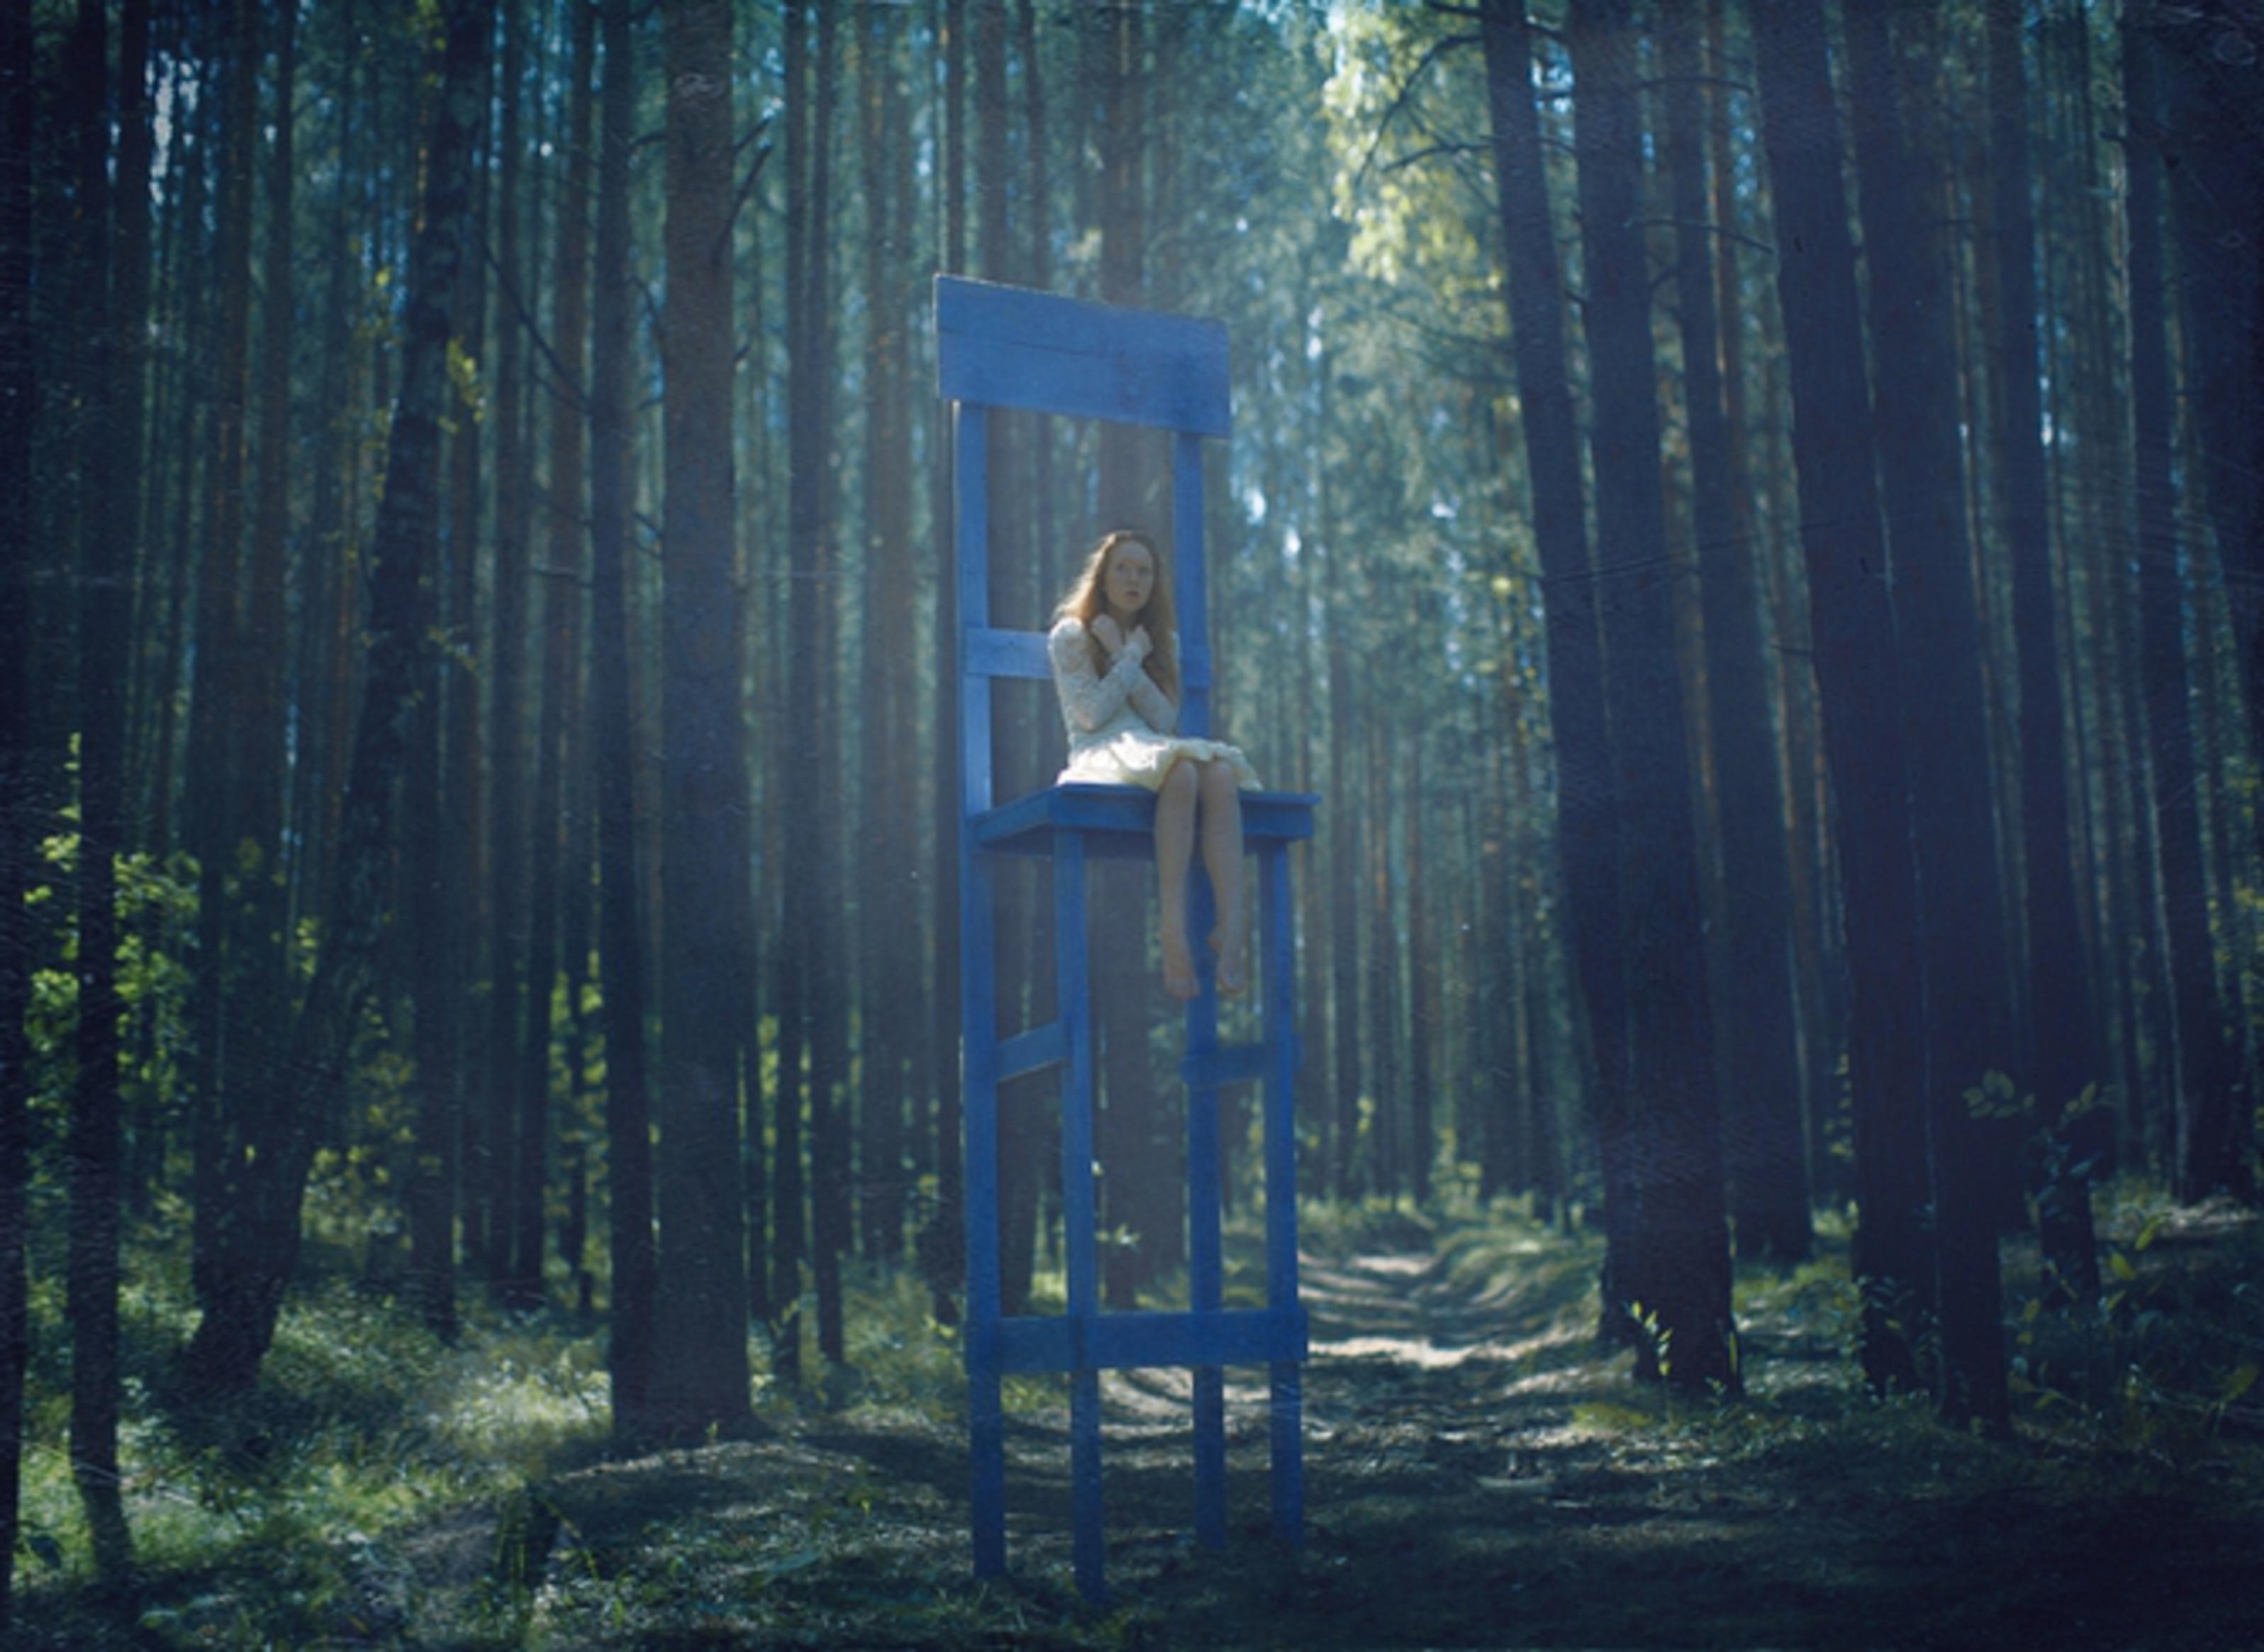 православного человека фотосессии в лесу со стула сроки исполнения заказа